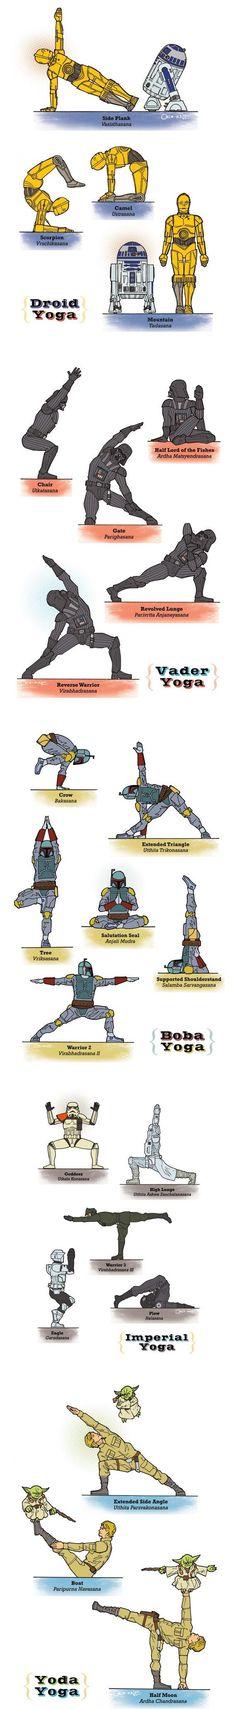 Star Wars Yoga by Rob Osborne: Here is a link http://www.etsy.com/shop/RobOsborne #Illustration #Yoga #Star_Wars #Rob_Osborne